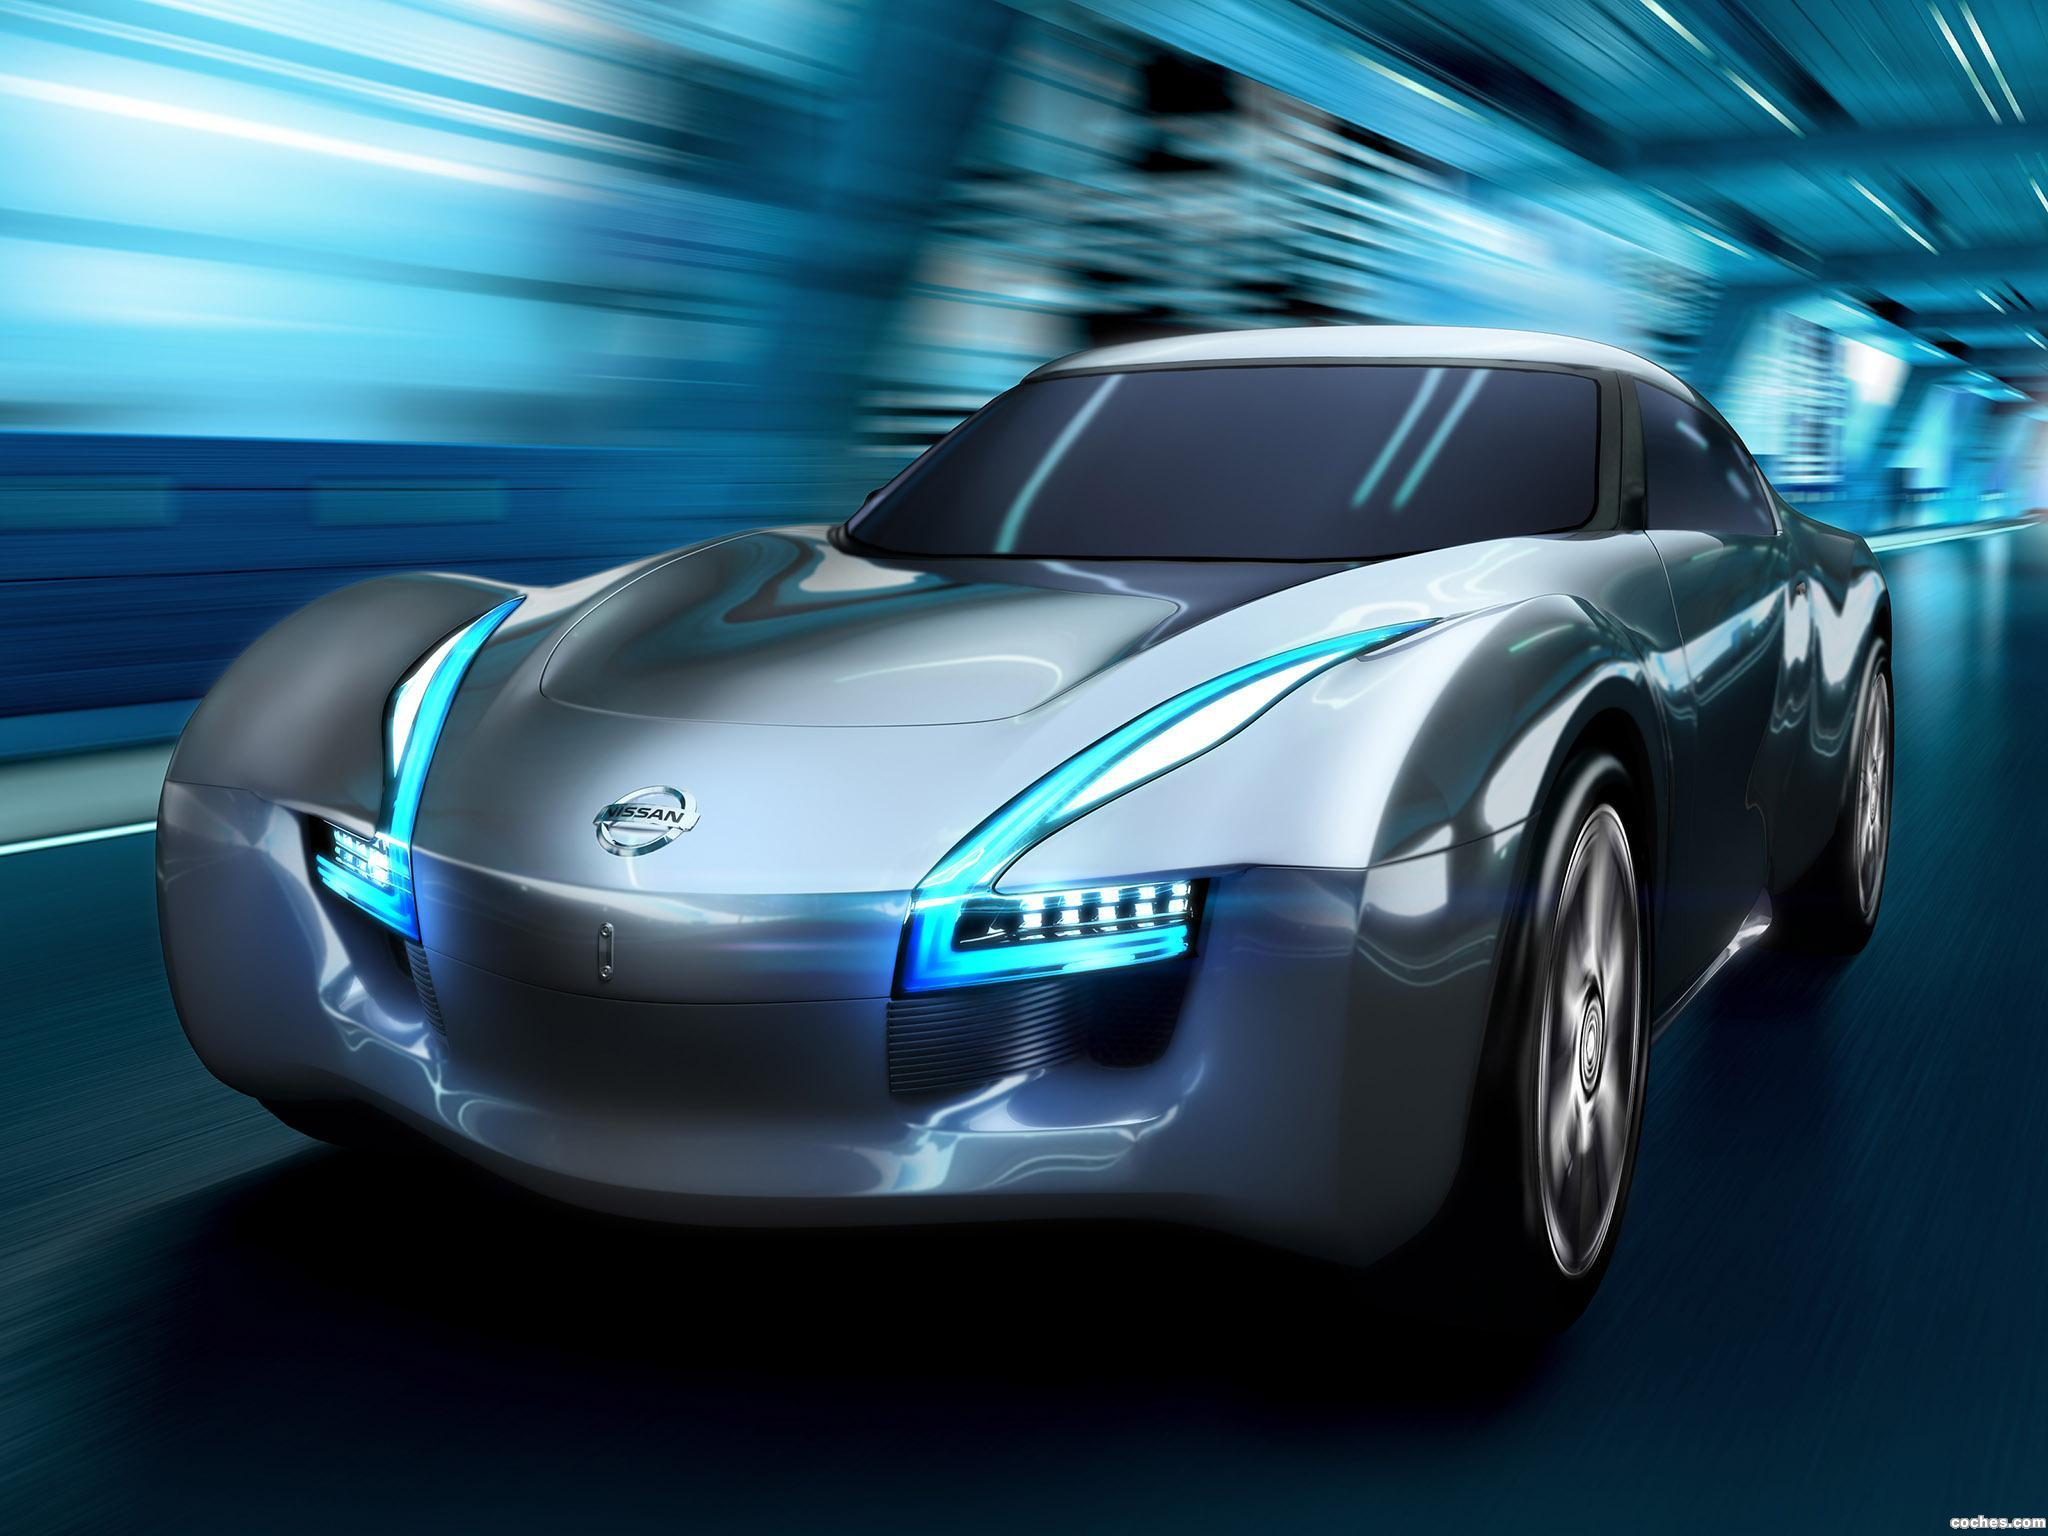 Foto 0 de Nissan ESFLOW Concept 2011